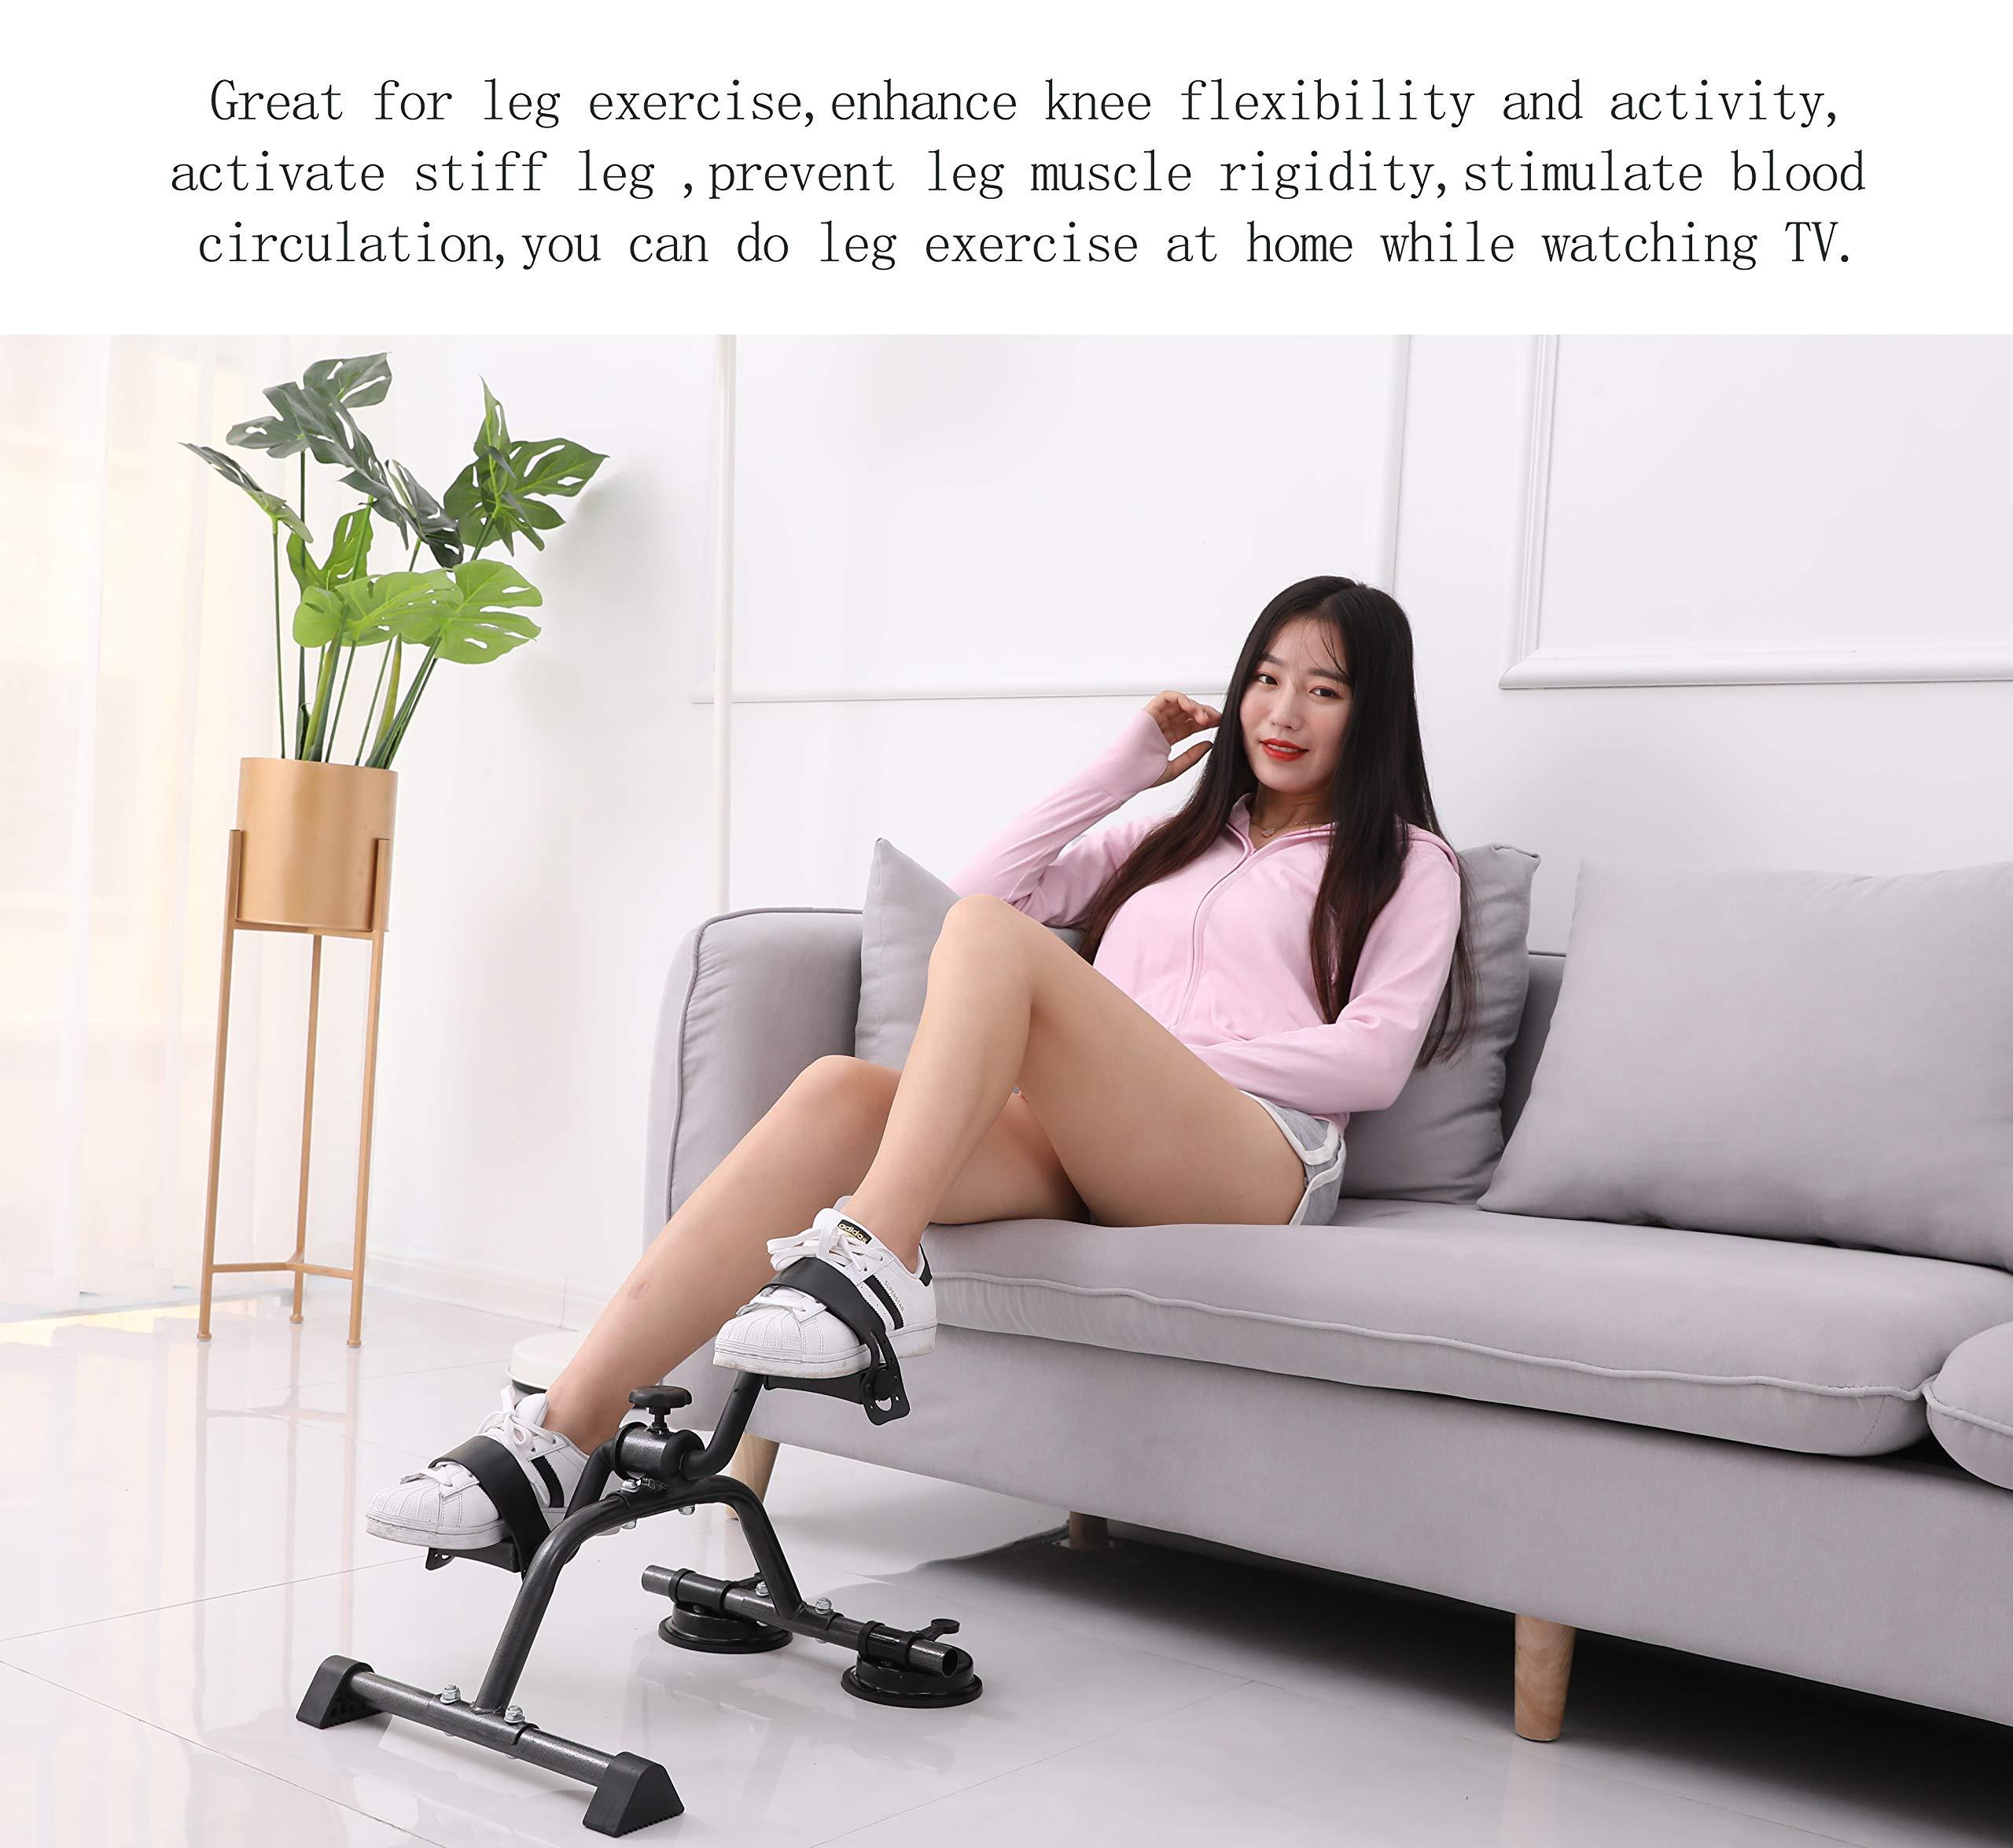 MOMODA Pedal Exerciser mini Exercise Bike Foot Peddler for Leg and Arm Rehab Low Impact Under Desk